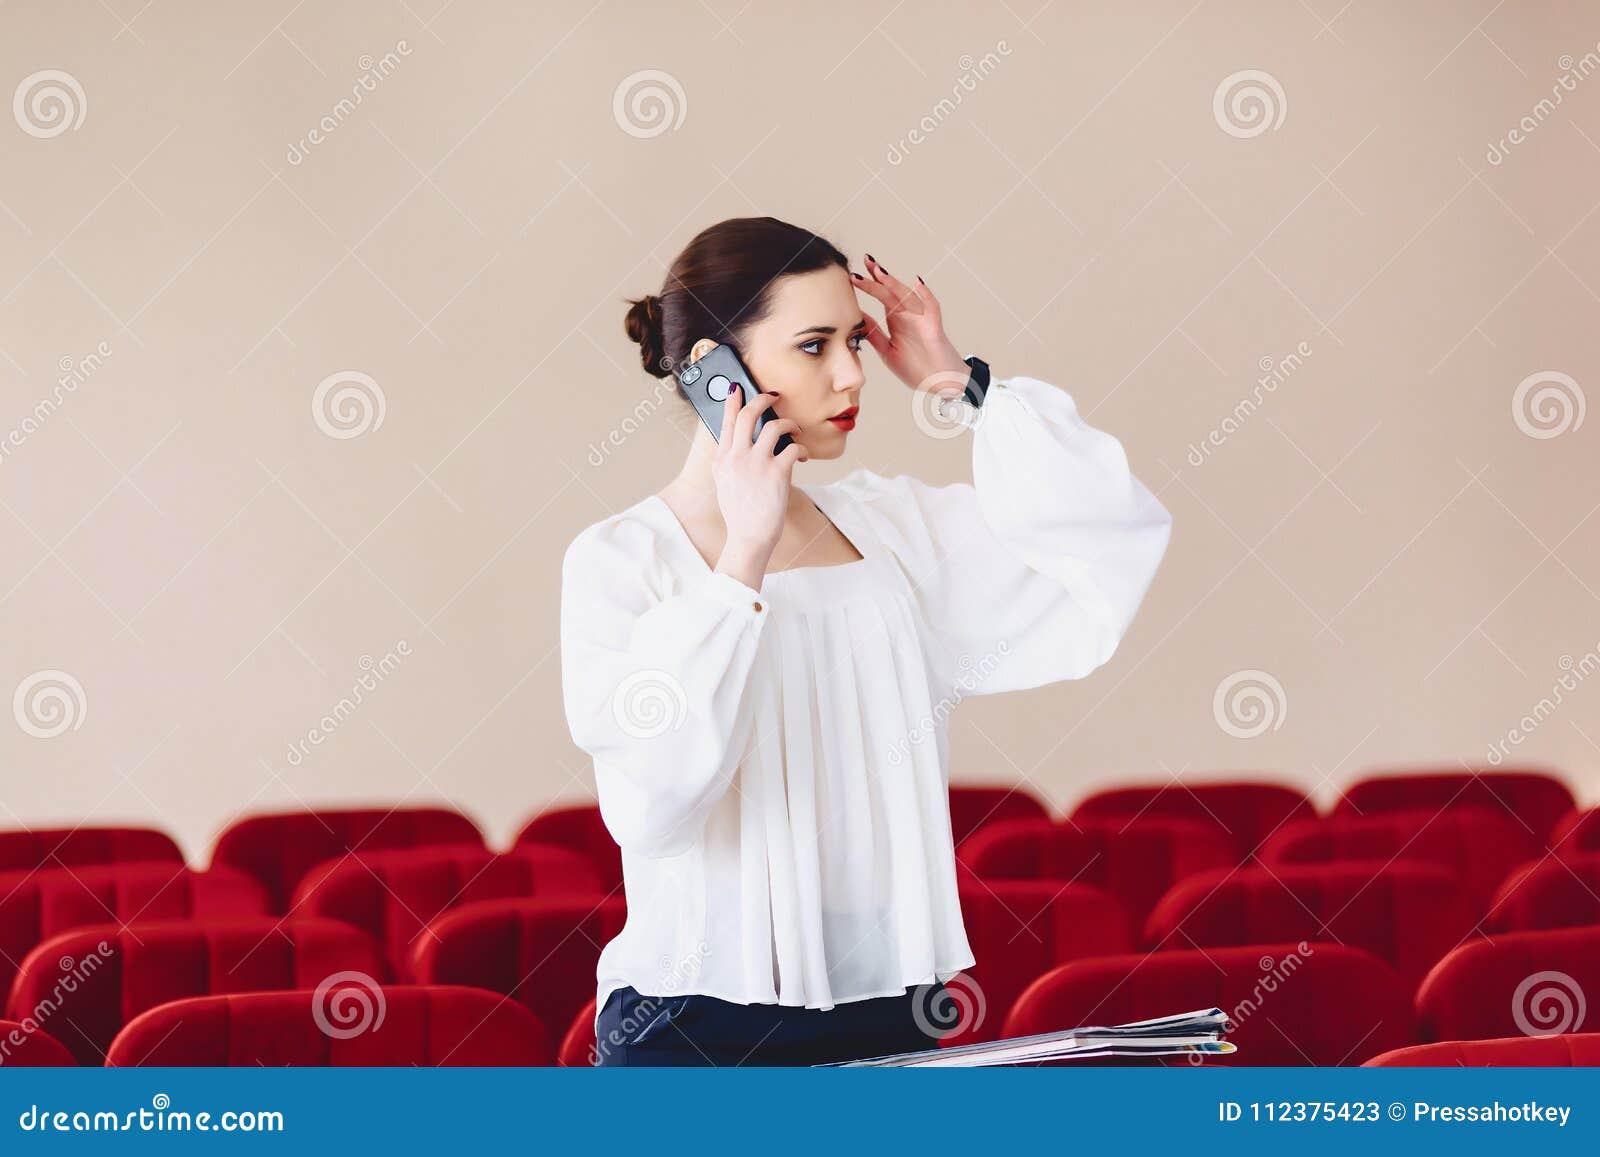 серьезная женщина говорит серьезно над телефоном